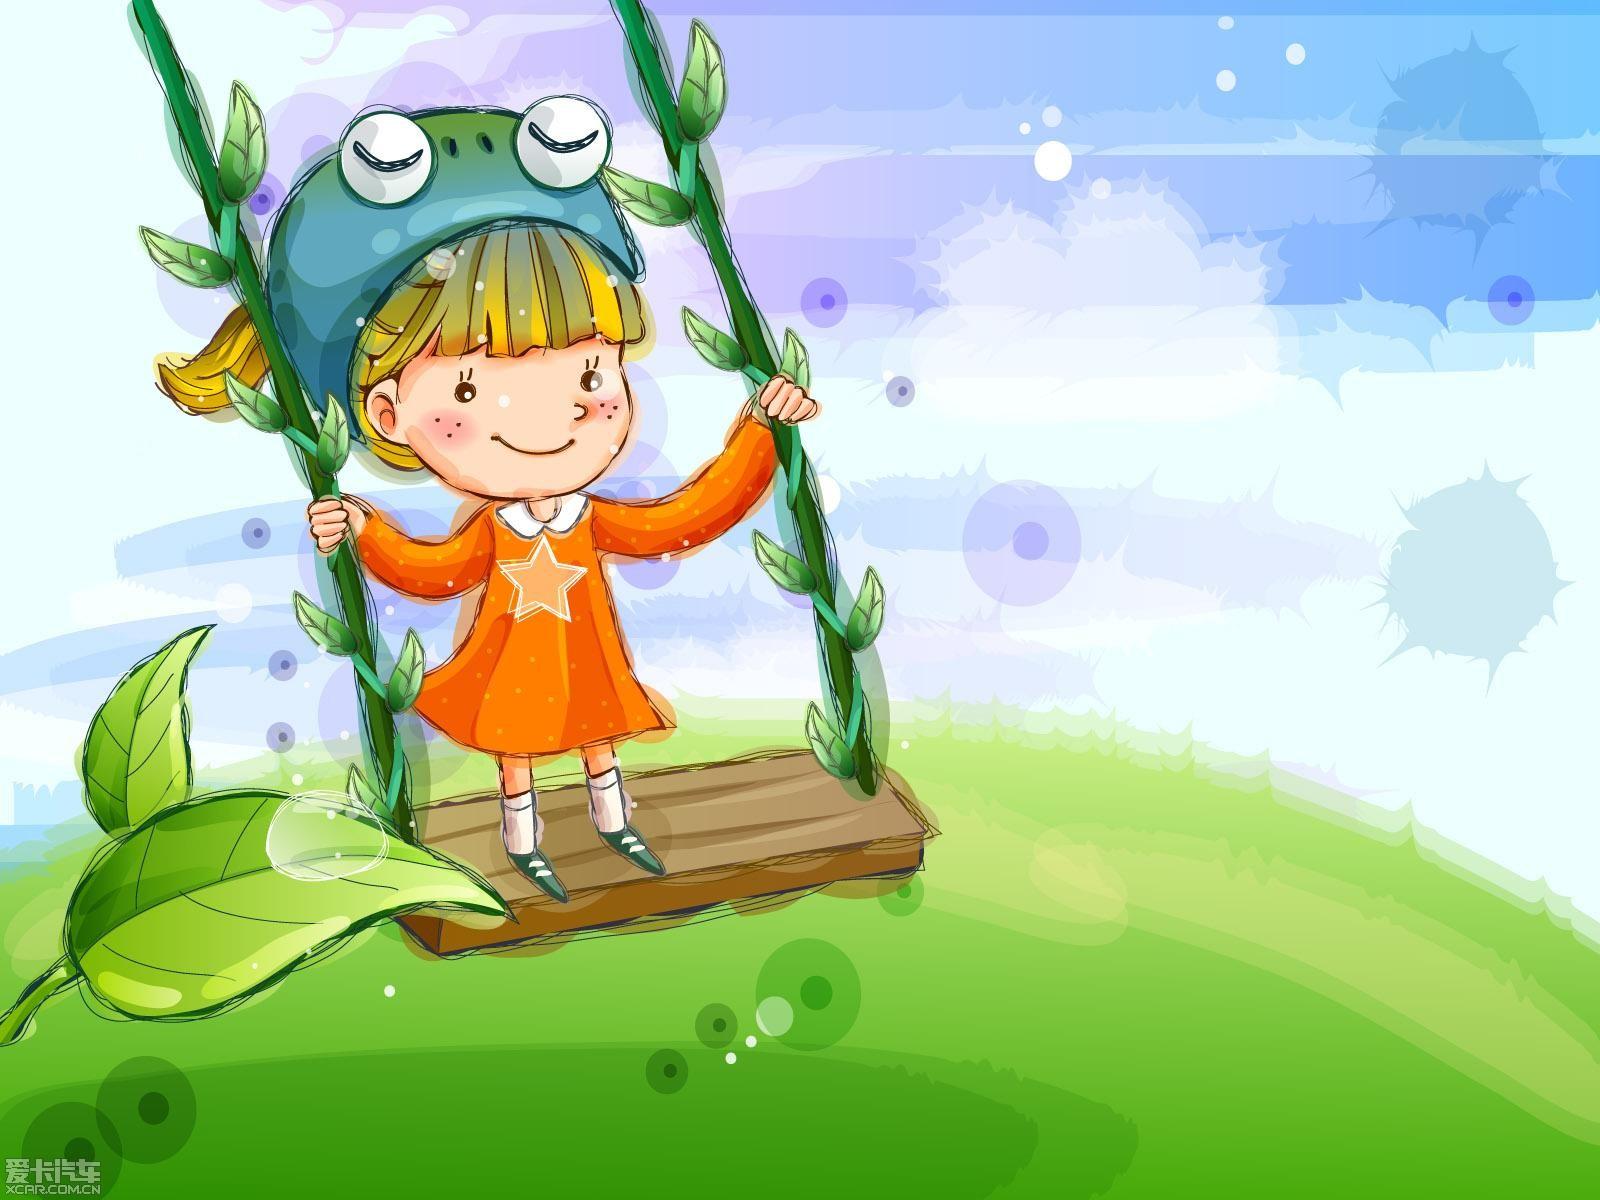 【精华】可爱简笔画手绘插图收藏happy